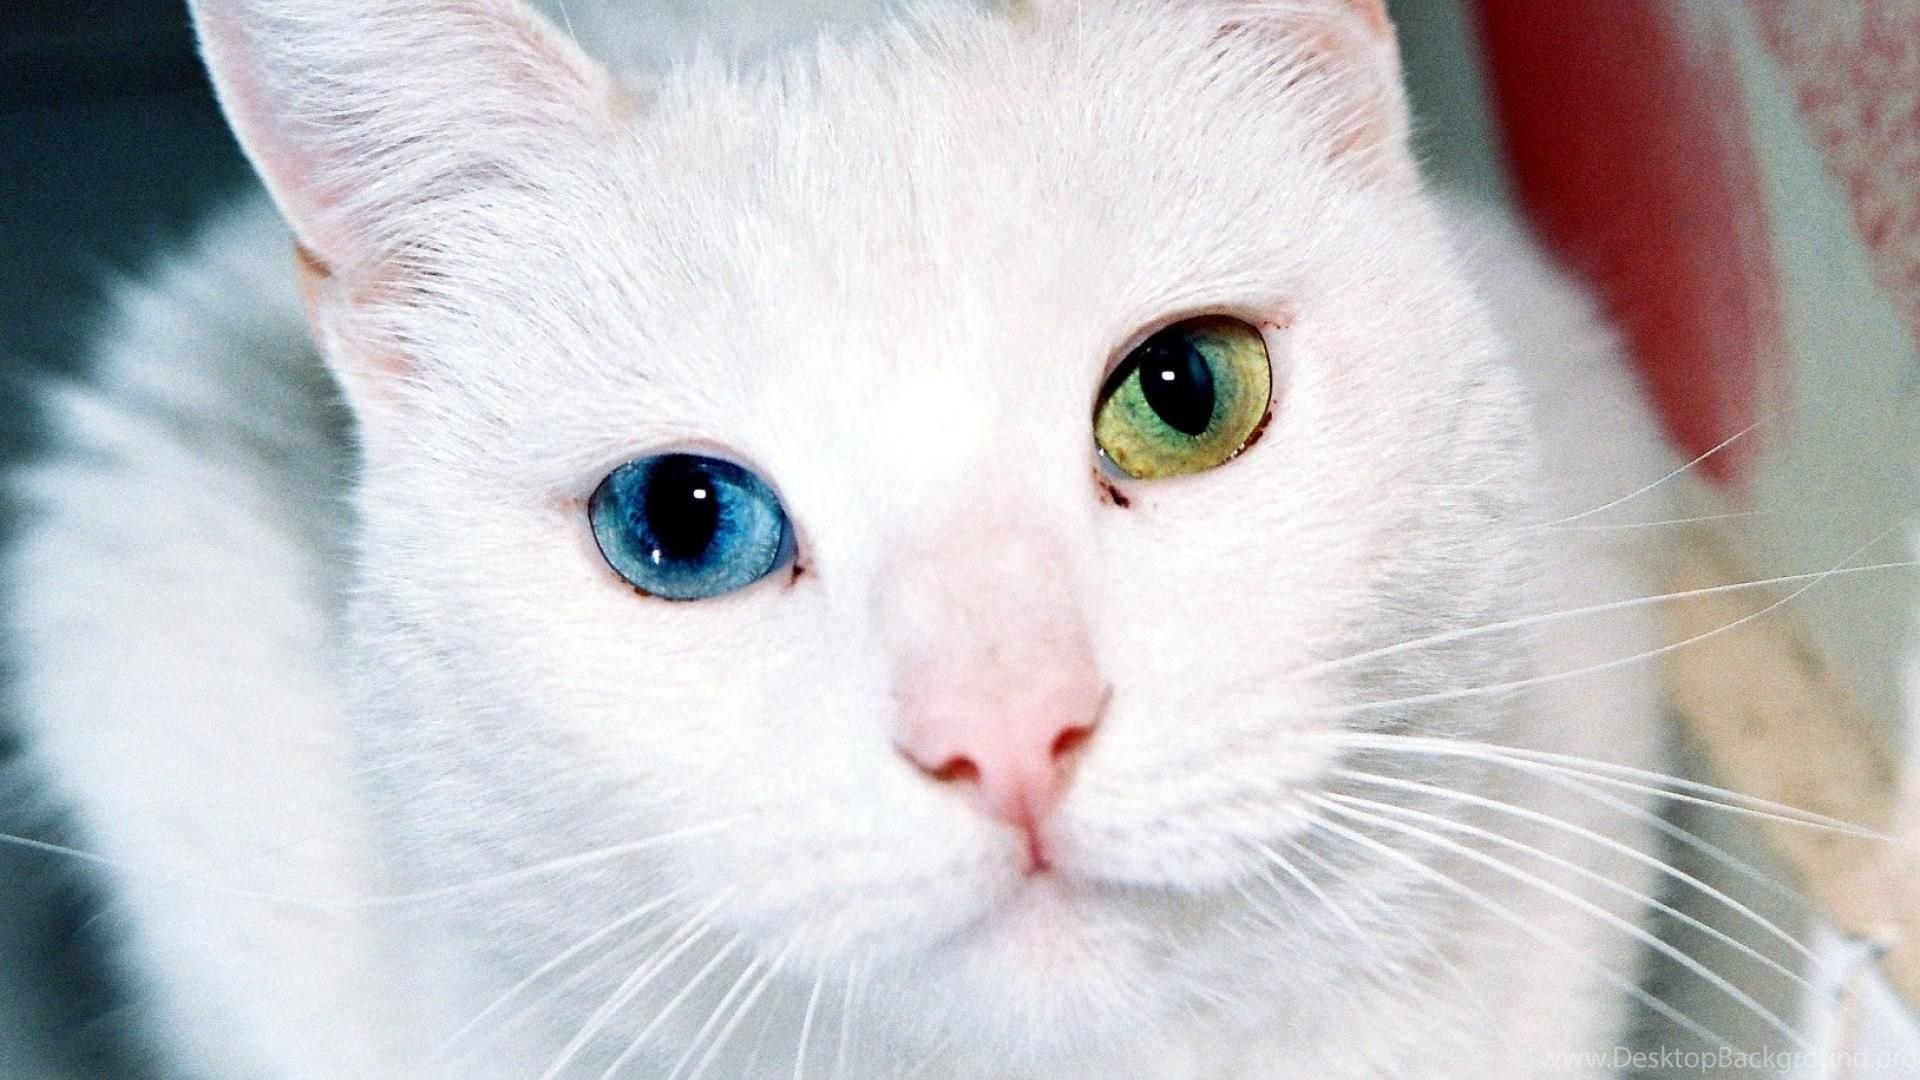 White Cats Animals Heterochromia Cat Hd Wallpapers Desktop Background